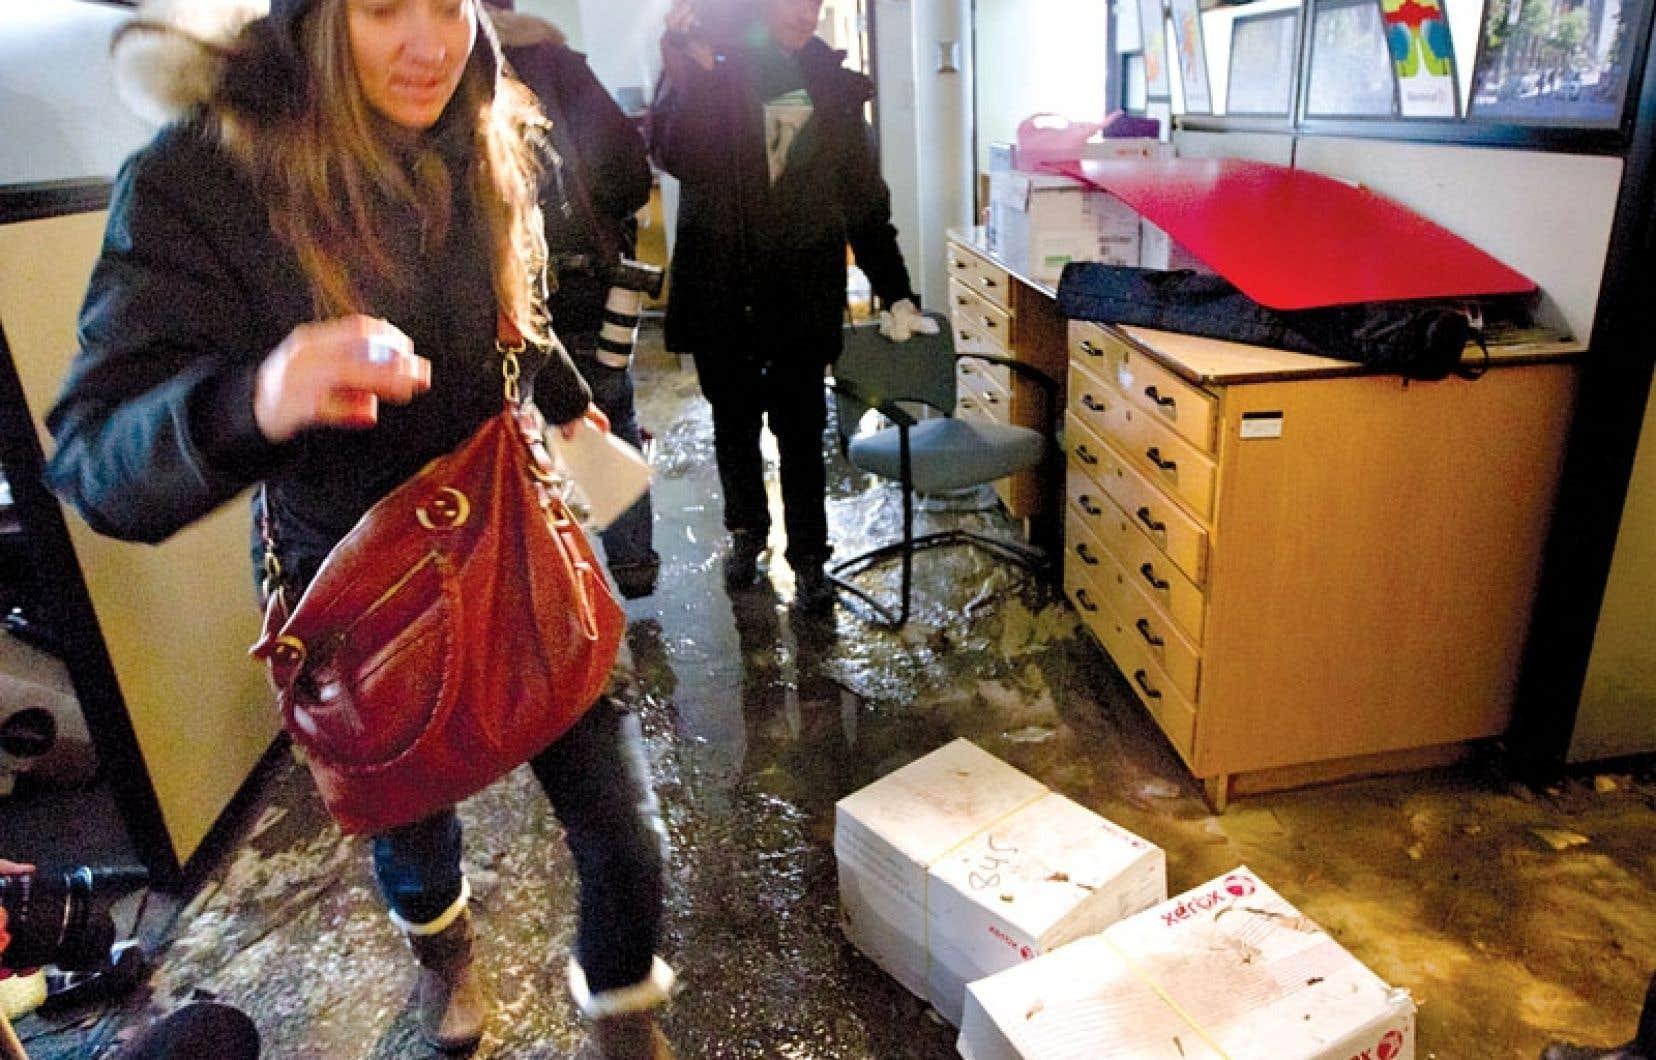 De la boue, de l'eau, des morceaux de vitre et des boîtes de carton détrempées recouvrent le plancher de l'annexe James, où la pression d'eau a fracassé une fenêtre. Les quelque 400 personnes qui y travaillent chaque jour ont dû être déplacées.